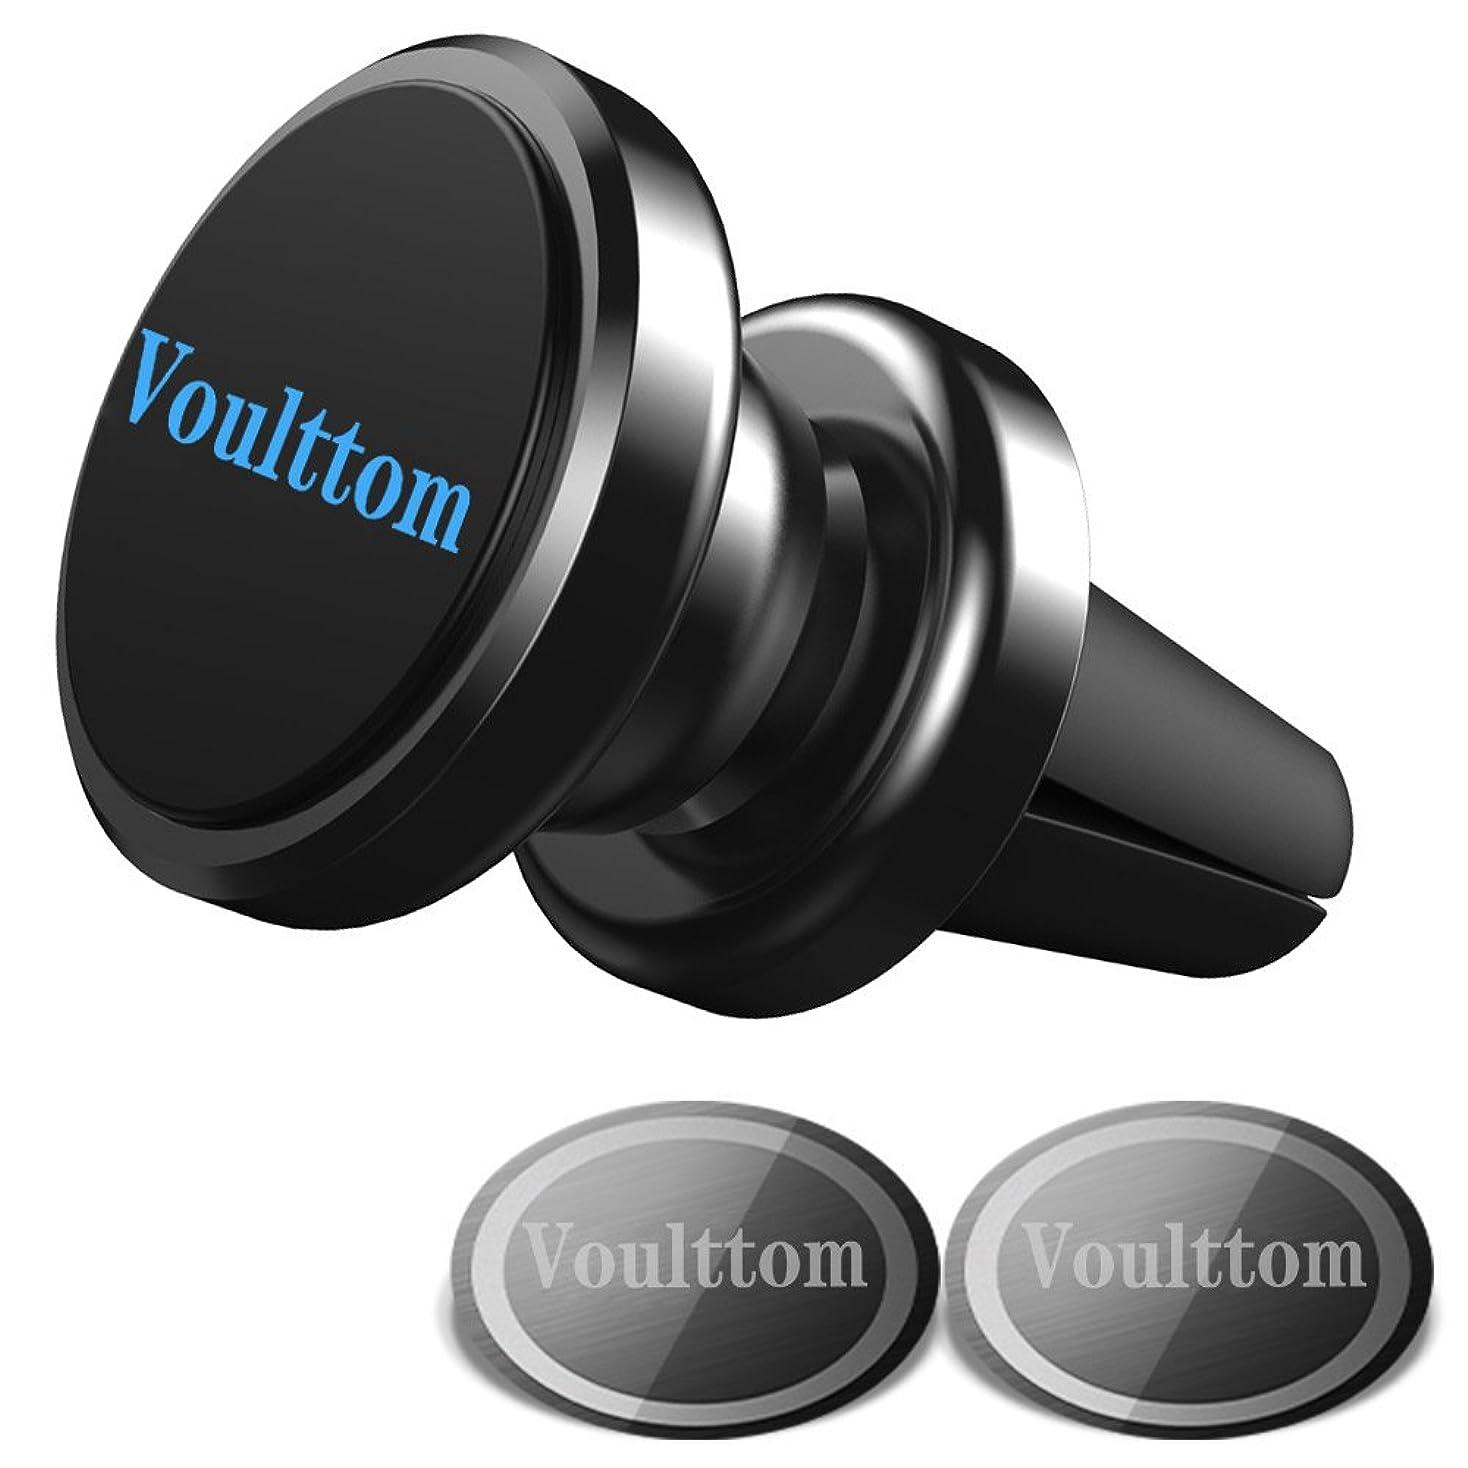 壁中世の利益Voulttom マグネット式ホルダー エアコンの通気口用 360度回転 コンパクト スマホスタンド Iphone8 /7/ 7 plus/6s plus 対応 (ブラック)